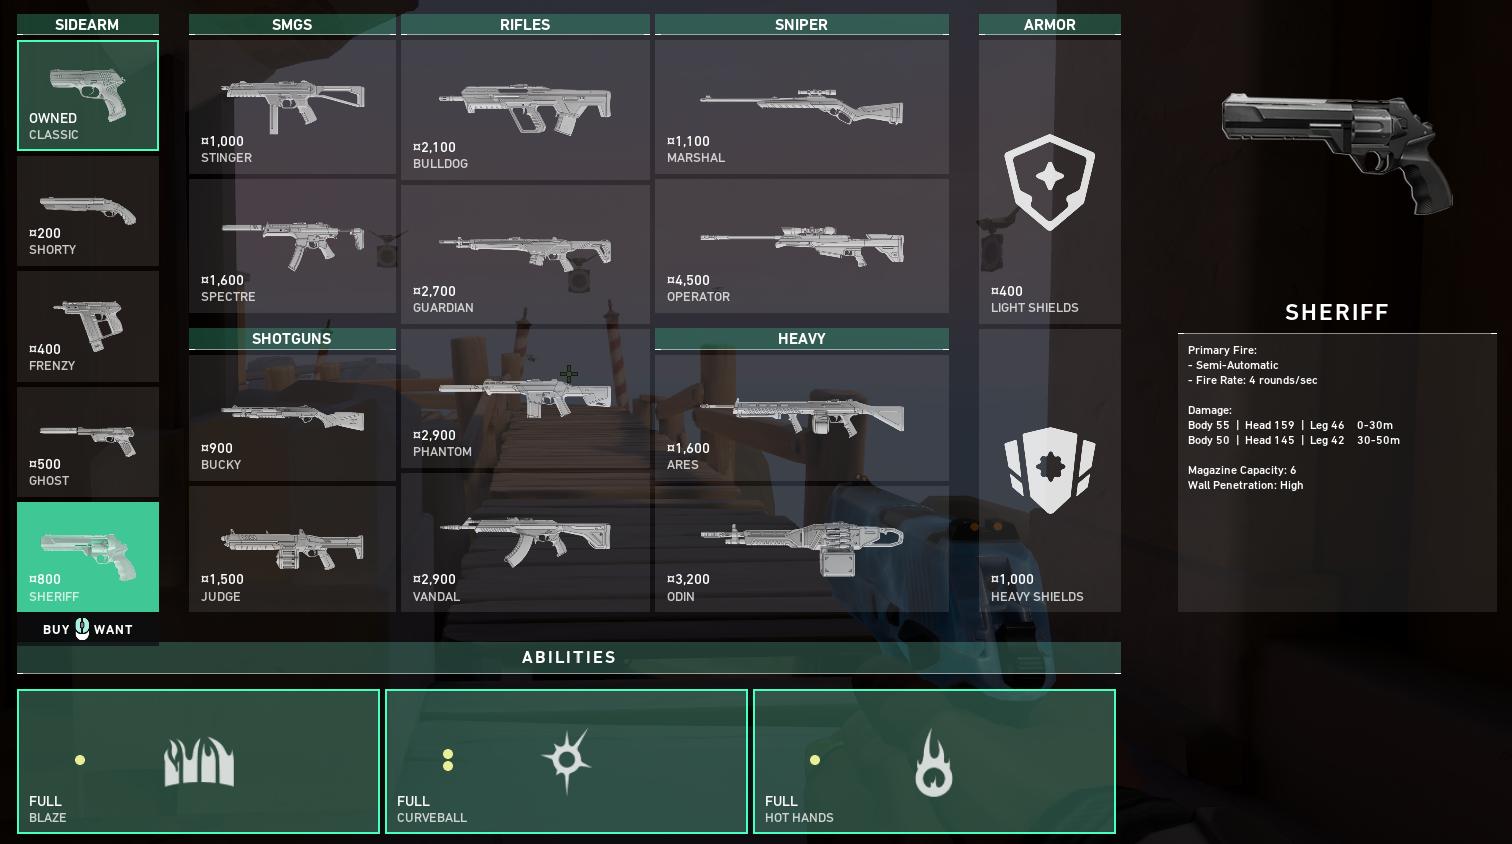 Meilleurs pistolets valeureux - Shérif